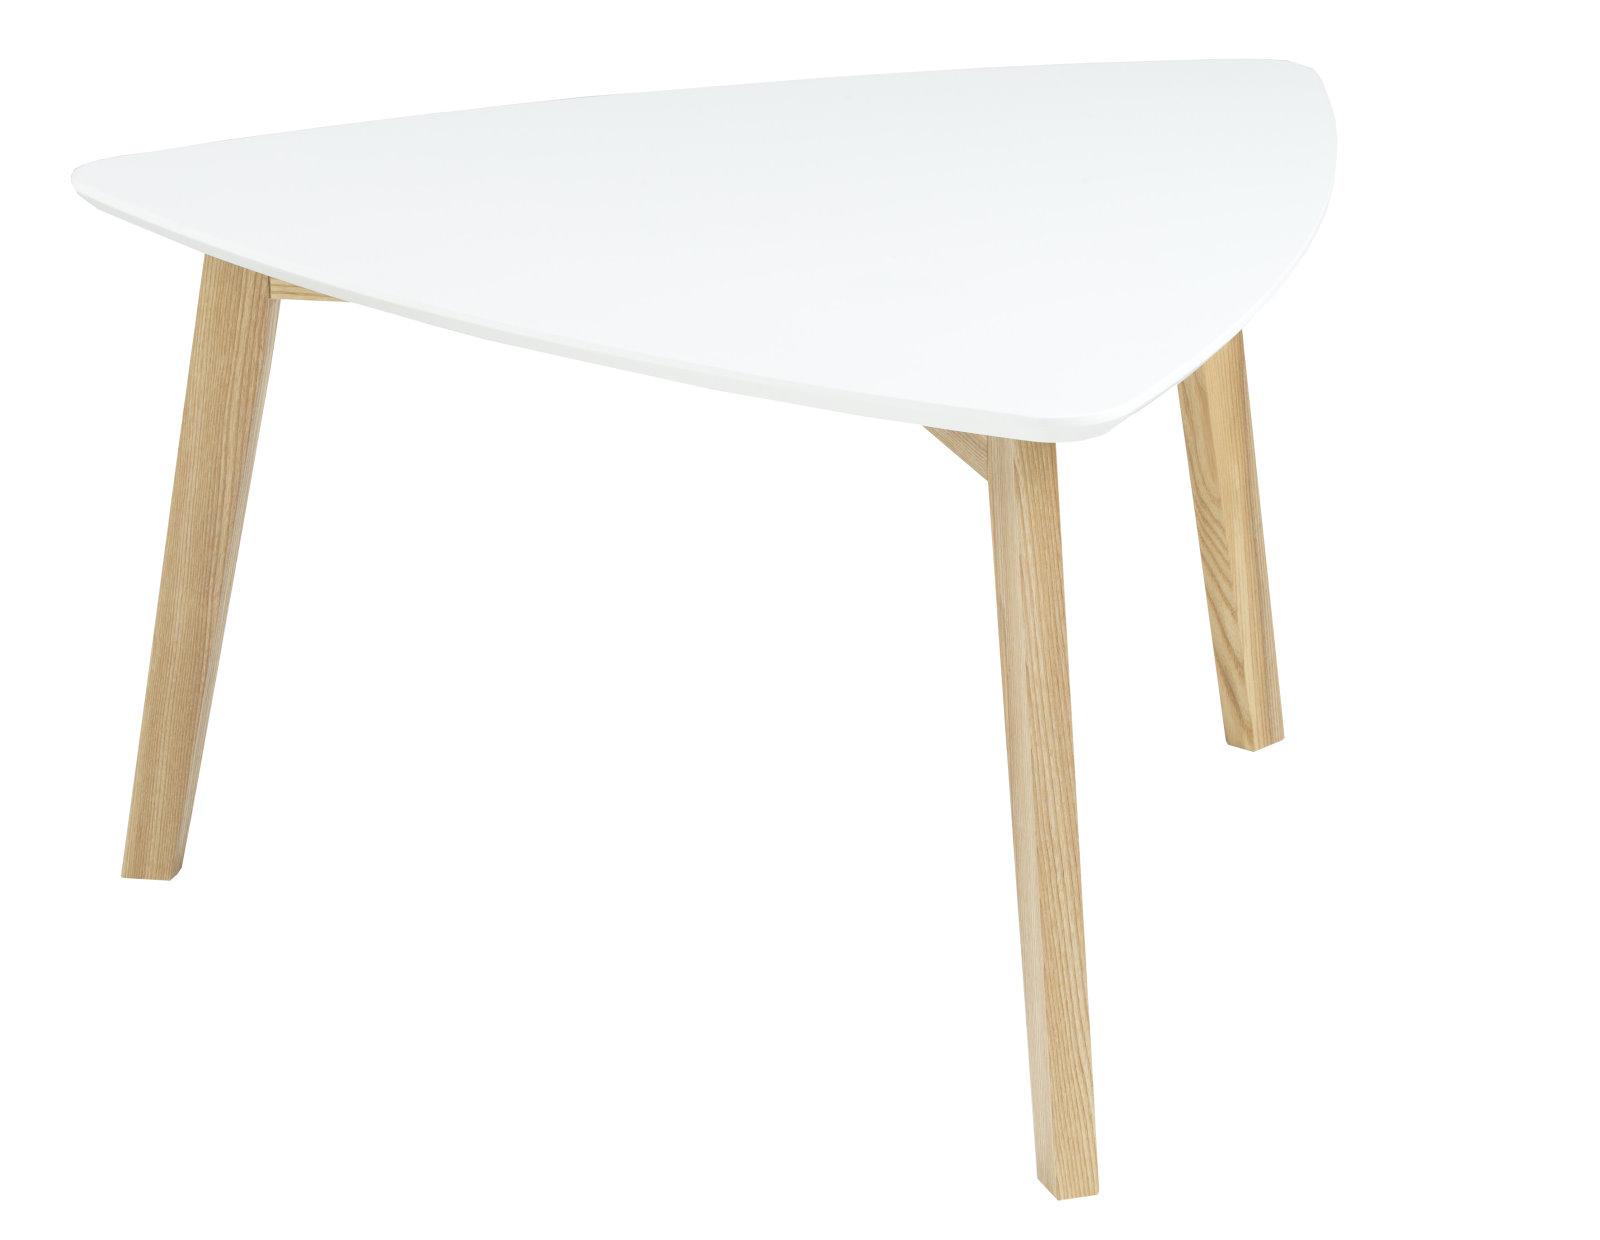 pkline couchtisch tisch beistelltisch wohnzimmertisch holztisch wei dynamic. Black Bedroom Furniture Sets. Home Design Ideas